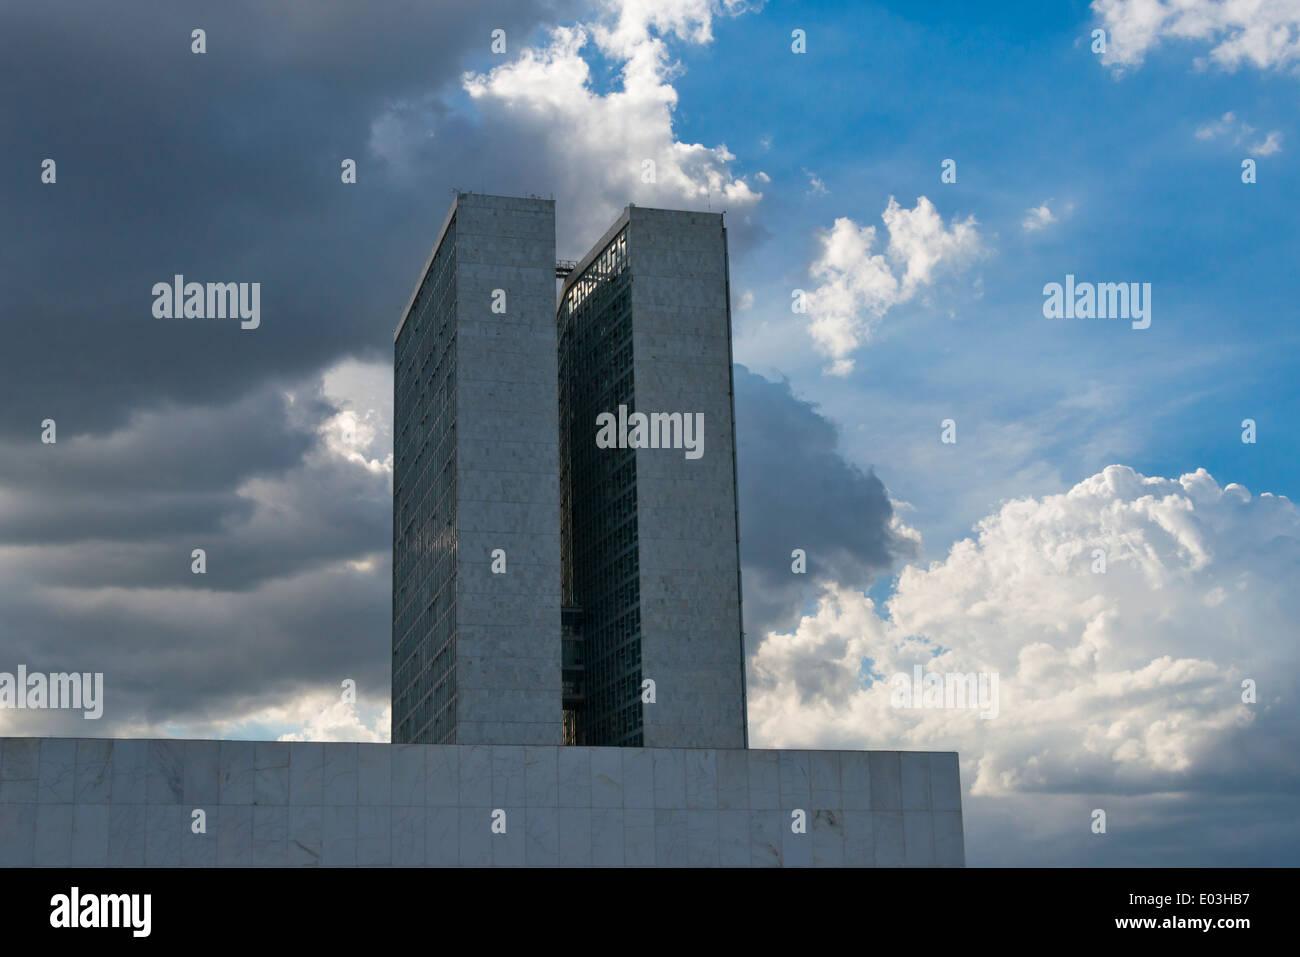 Parlament Büroturm in nationalen Kongress komplexe entworfen von dem Architekten Oscar Niemeyer, Brasilia, Distrito Federal, Brasilien Stockbild